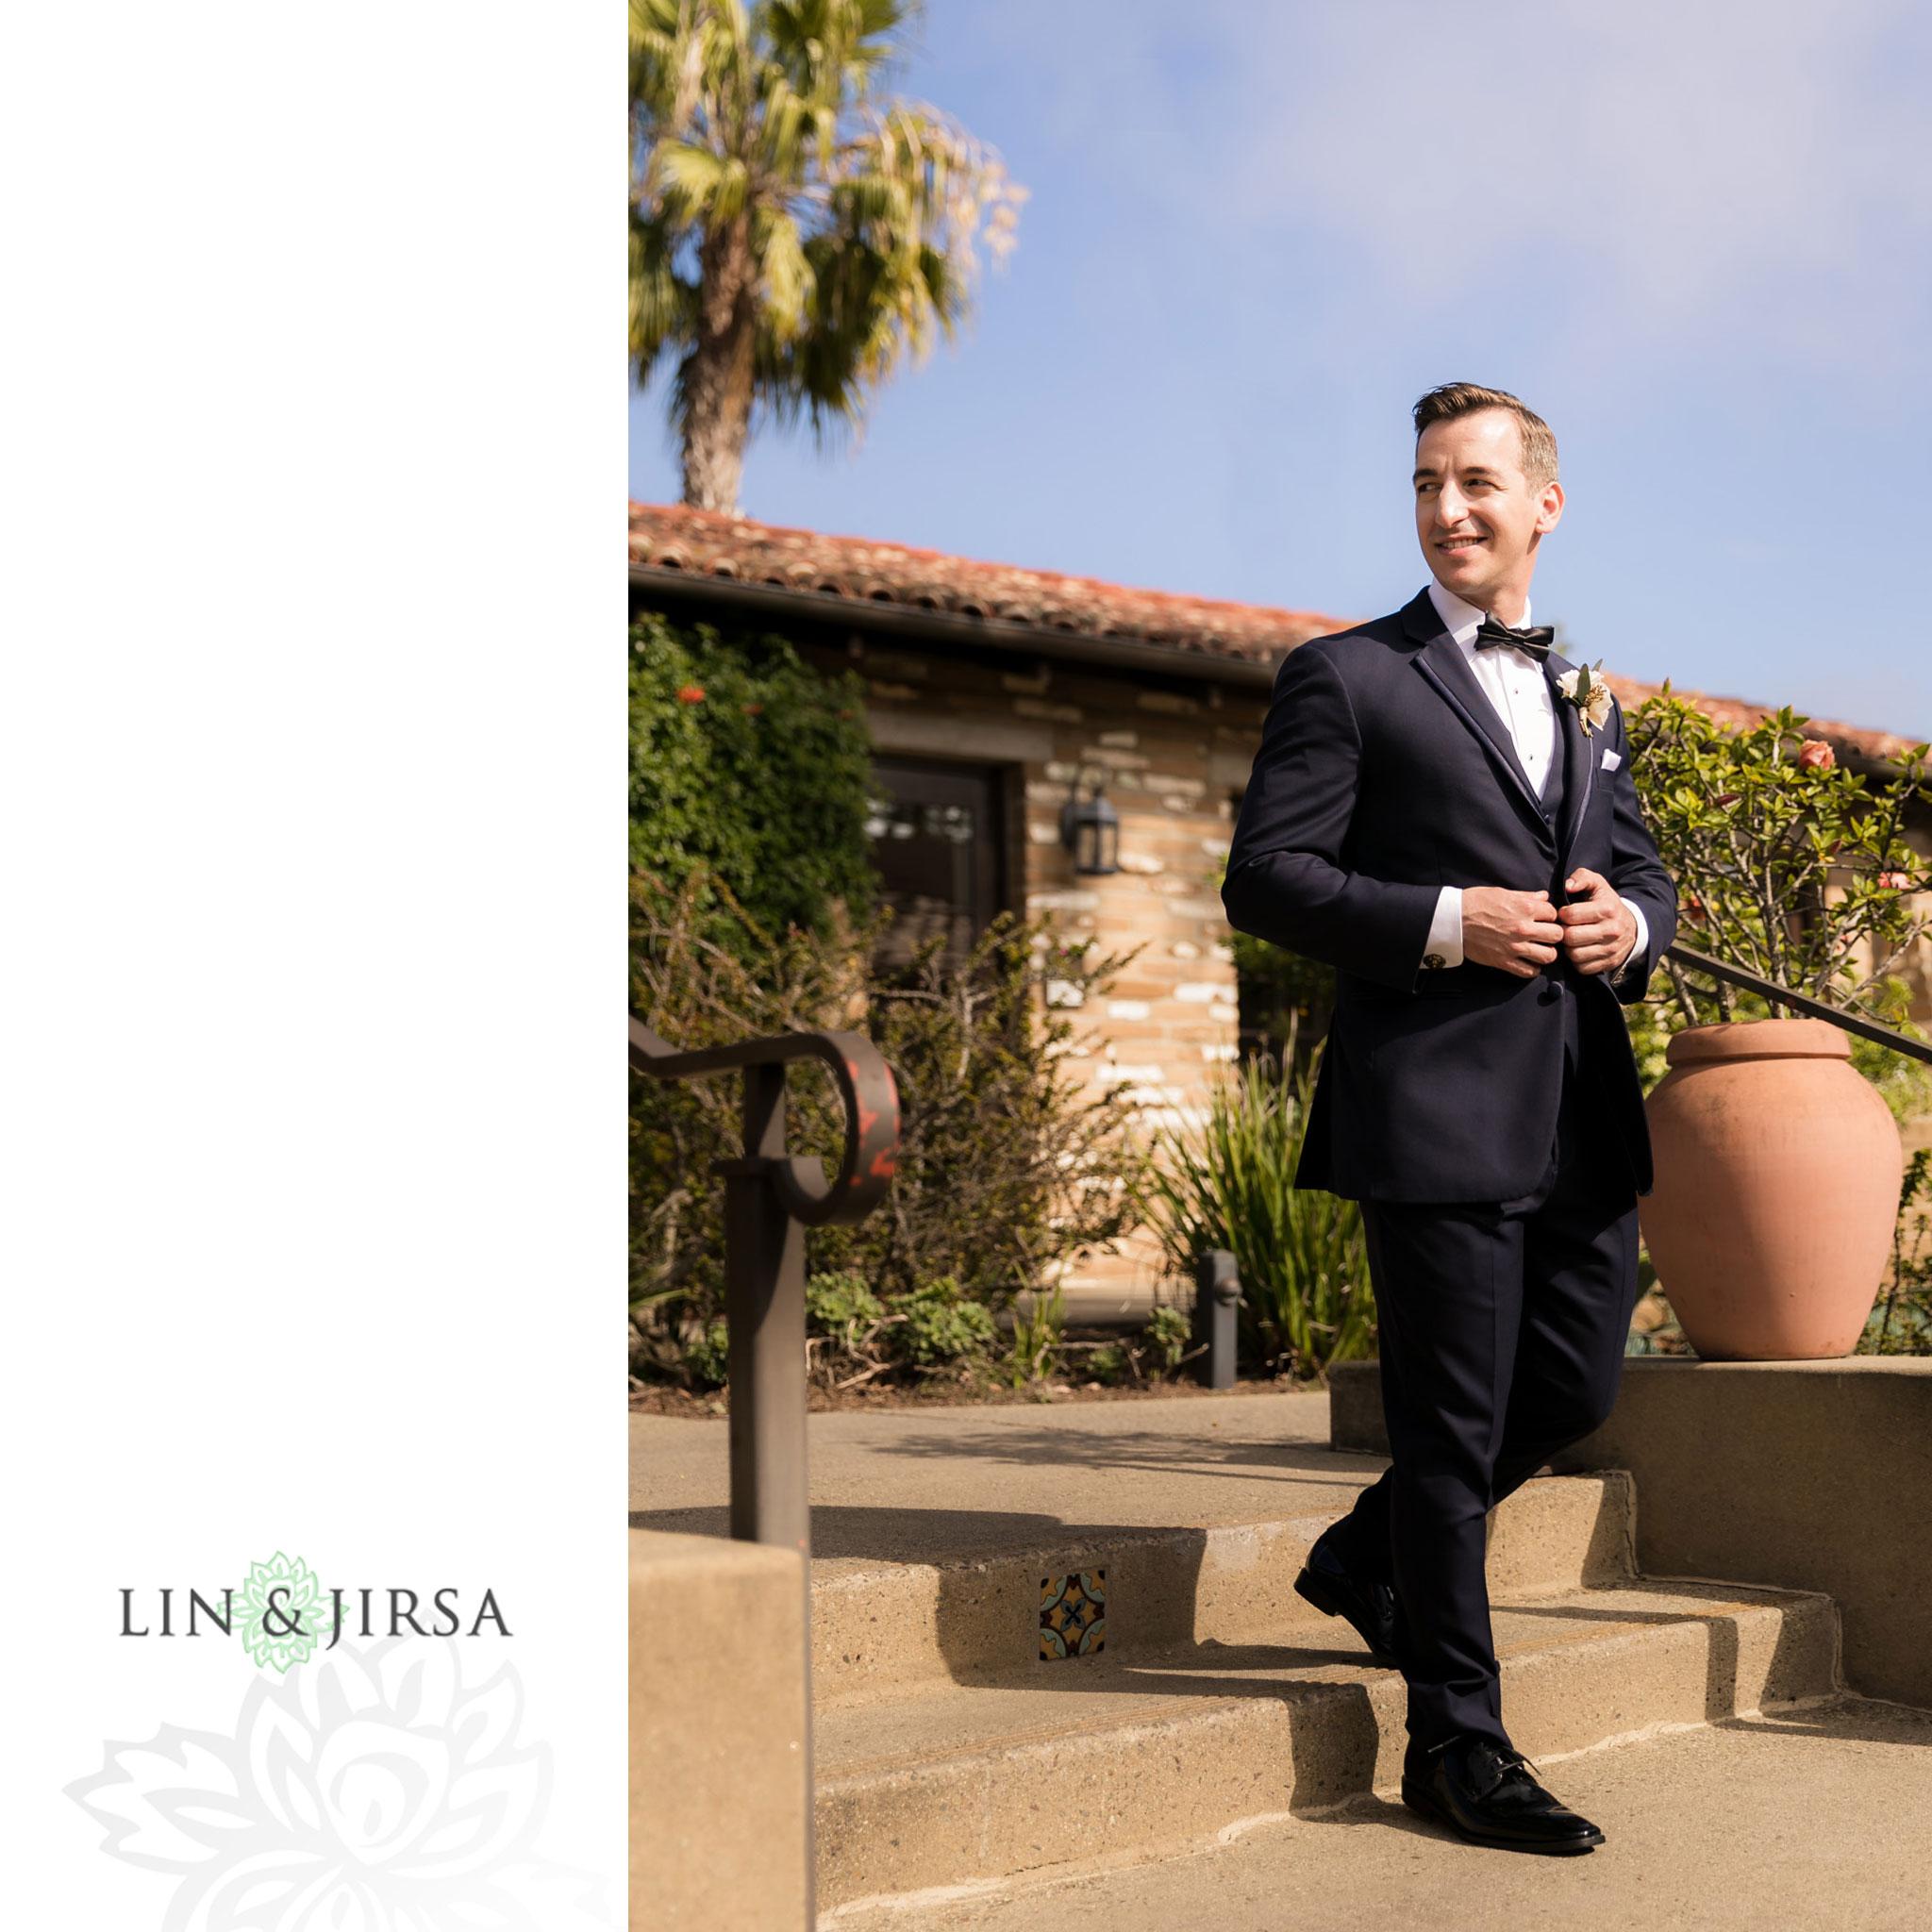 10 estancia la jolla hotel and spa groom wedding photography